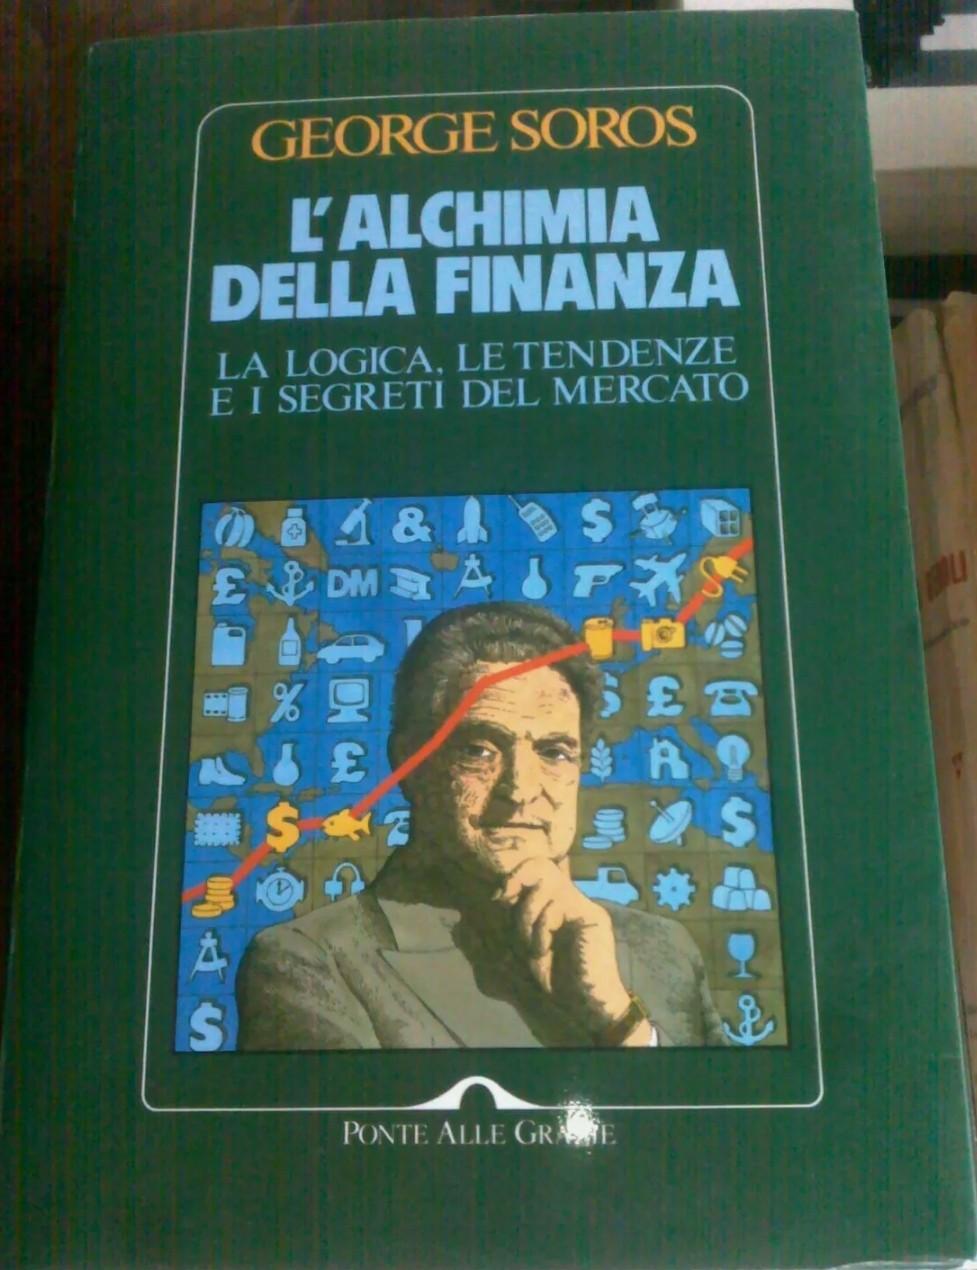 L'ALCHIMIA DELLA FINANZA GEORGE SOROS ED. PONTE ALLE GRAZIE 1ED. 1996